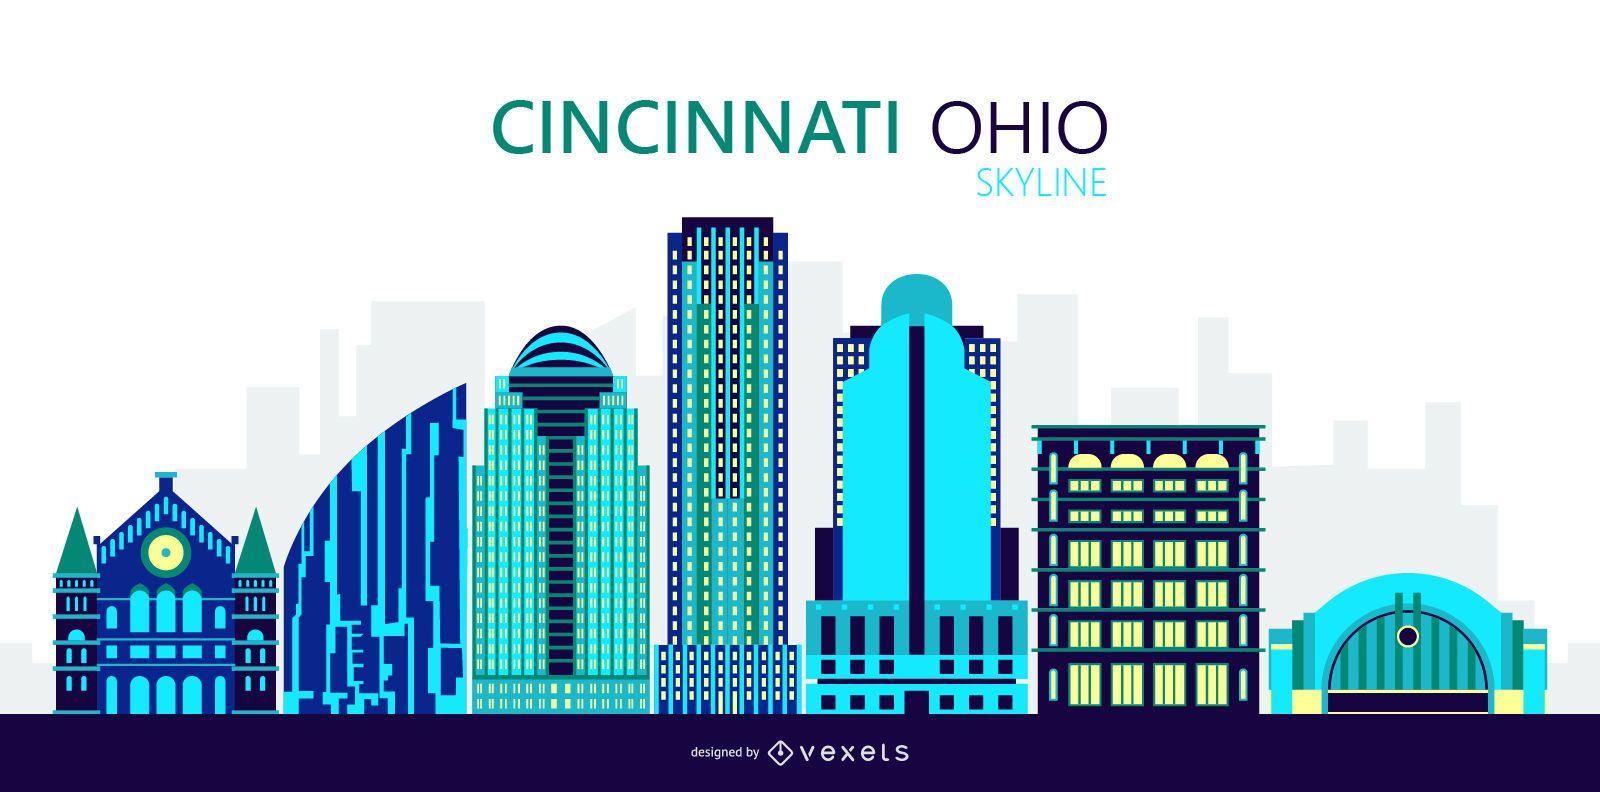 Cincinnati Ohio City Skyline Illustration